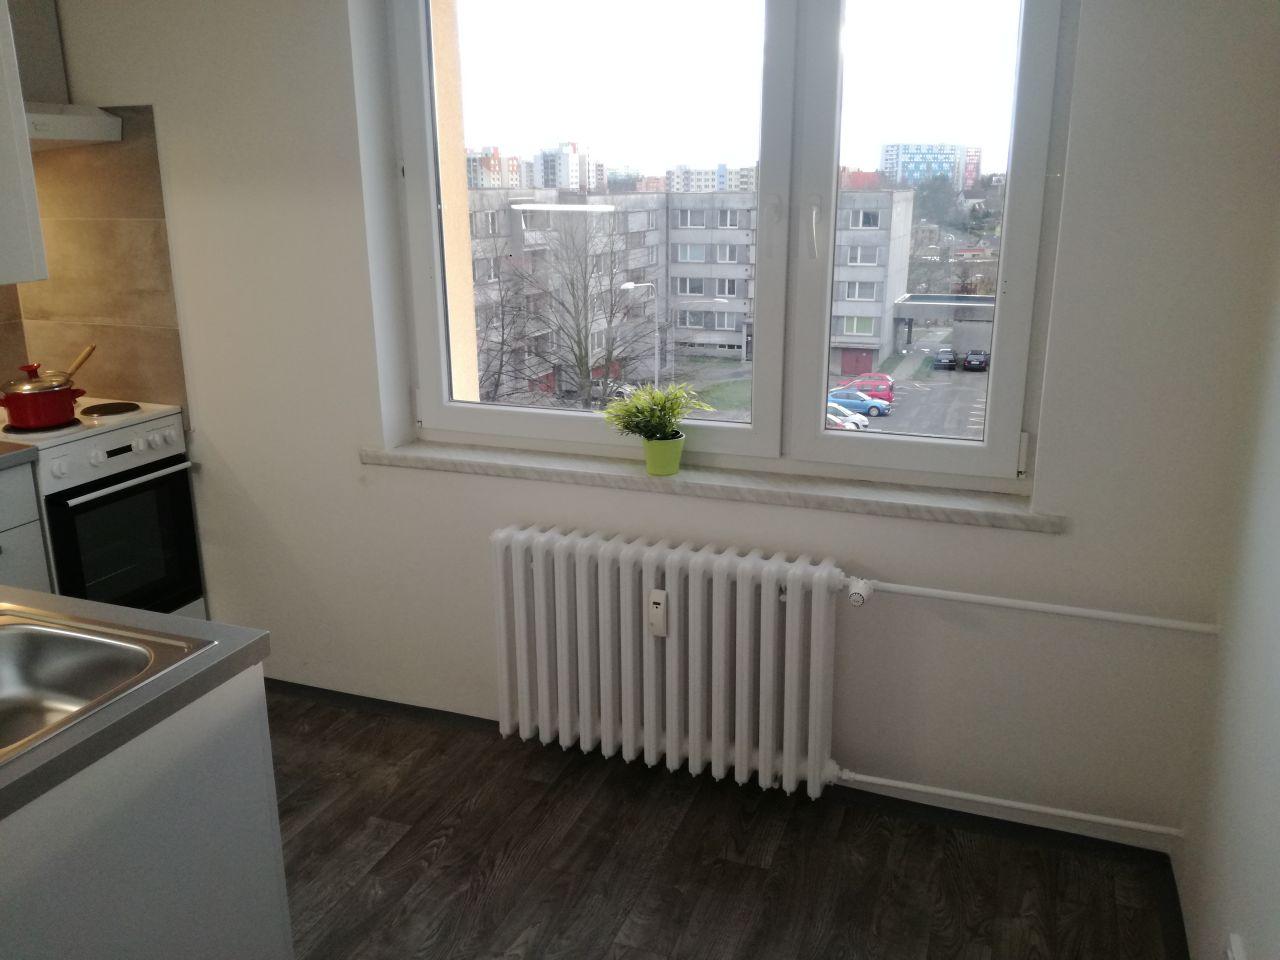 Pronájem bytu 1+1 40 m2, ul. Jana Ziky 1950/10, Ostrava - Poruba